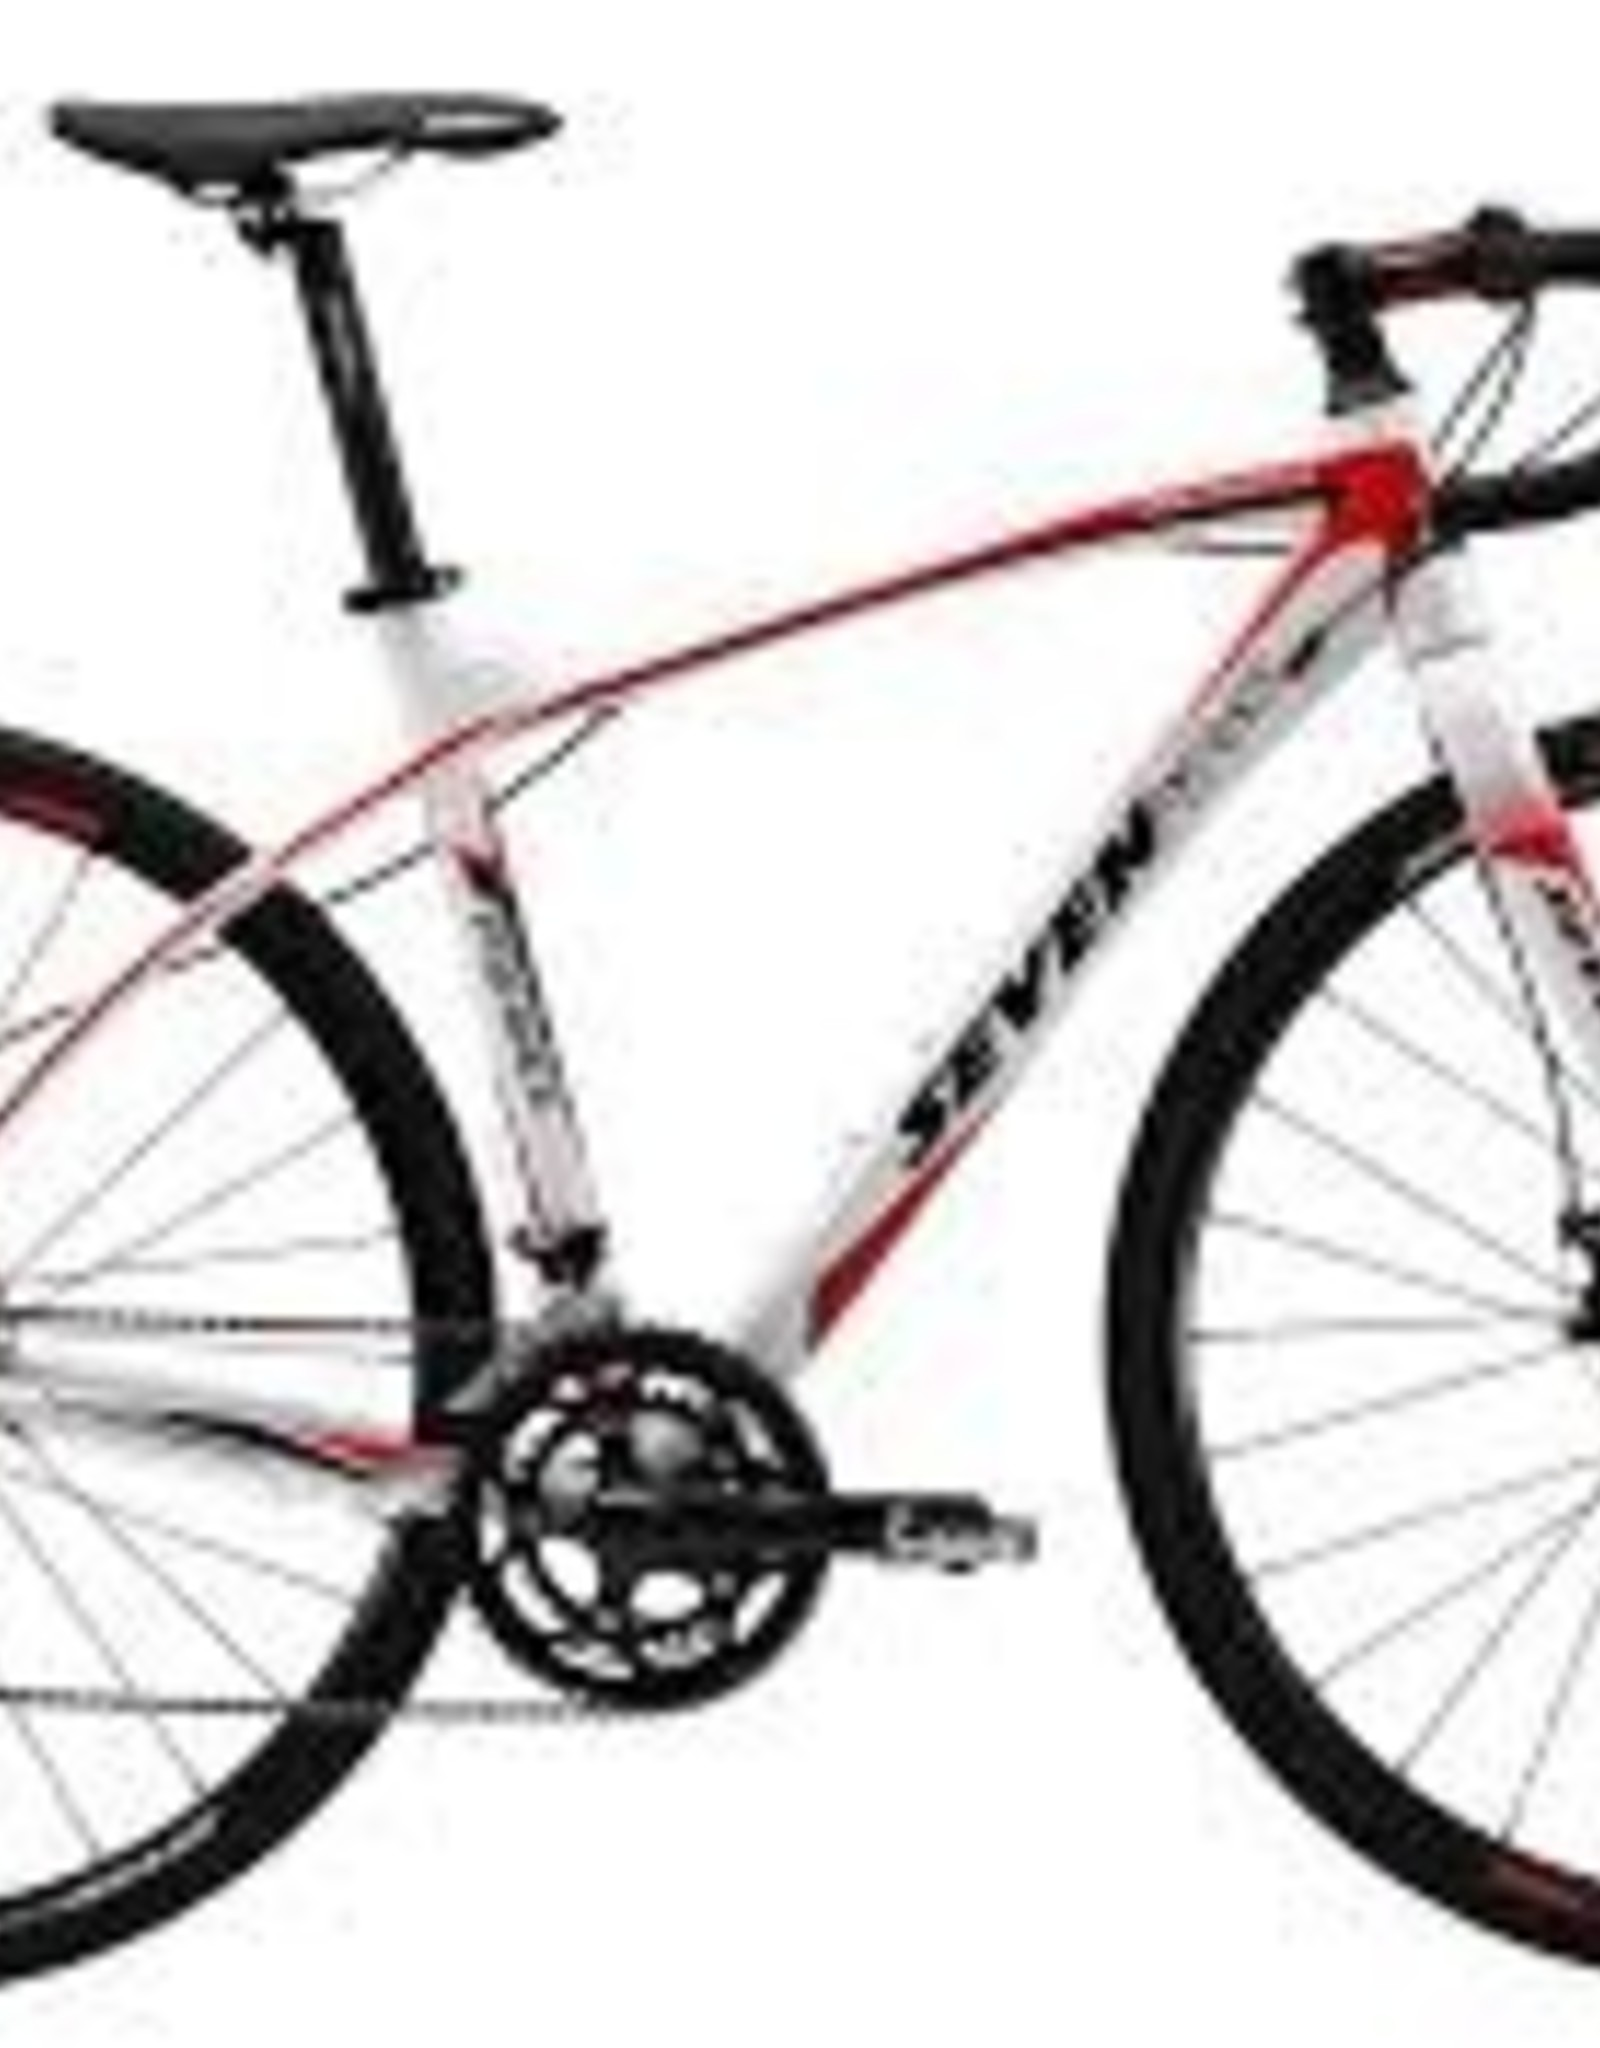 Seven Paeks Vélo Panthera c(21-23) 16v  vsp carbon fork